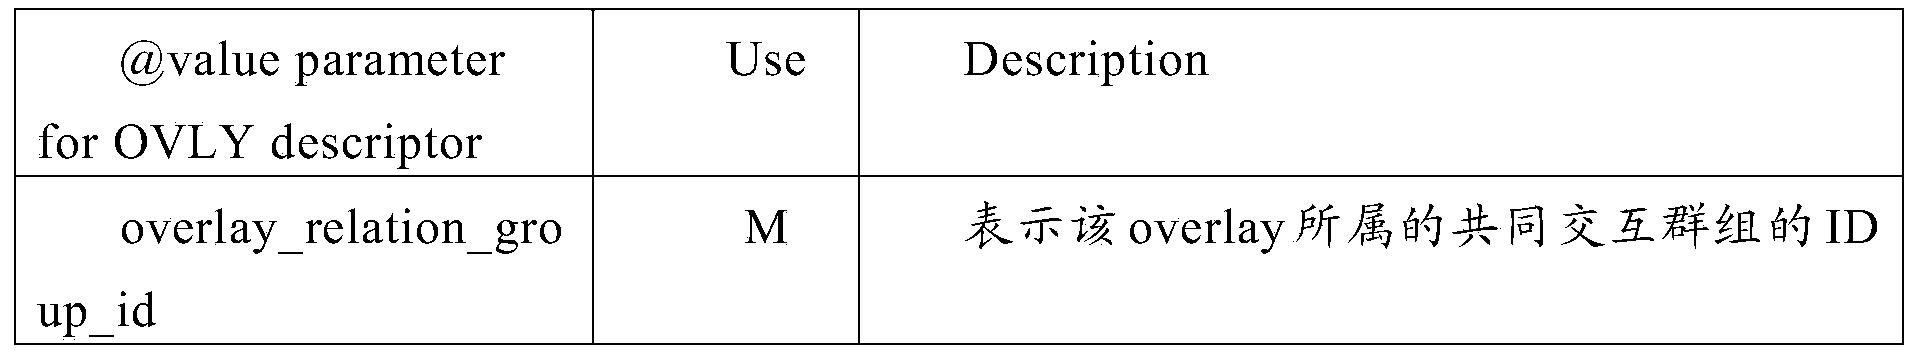 Figure PCTCN2019108514-appb-000017